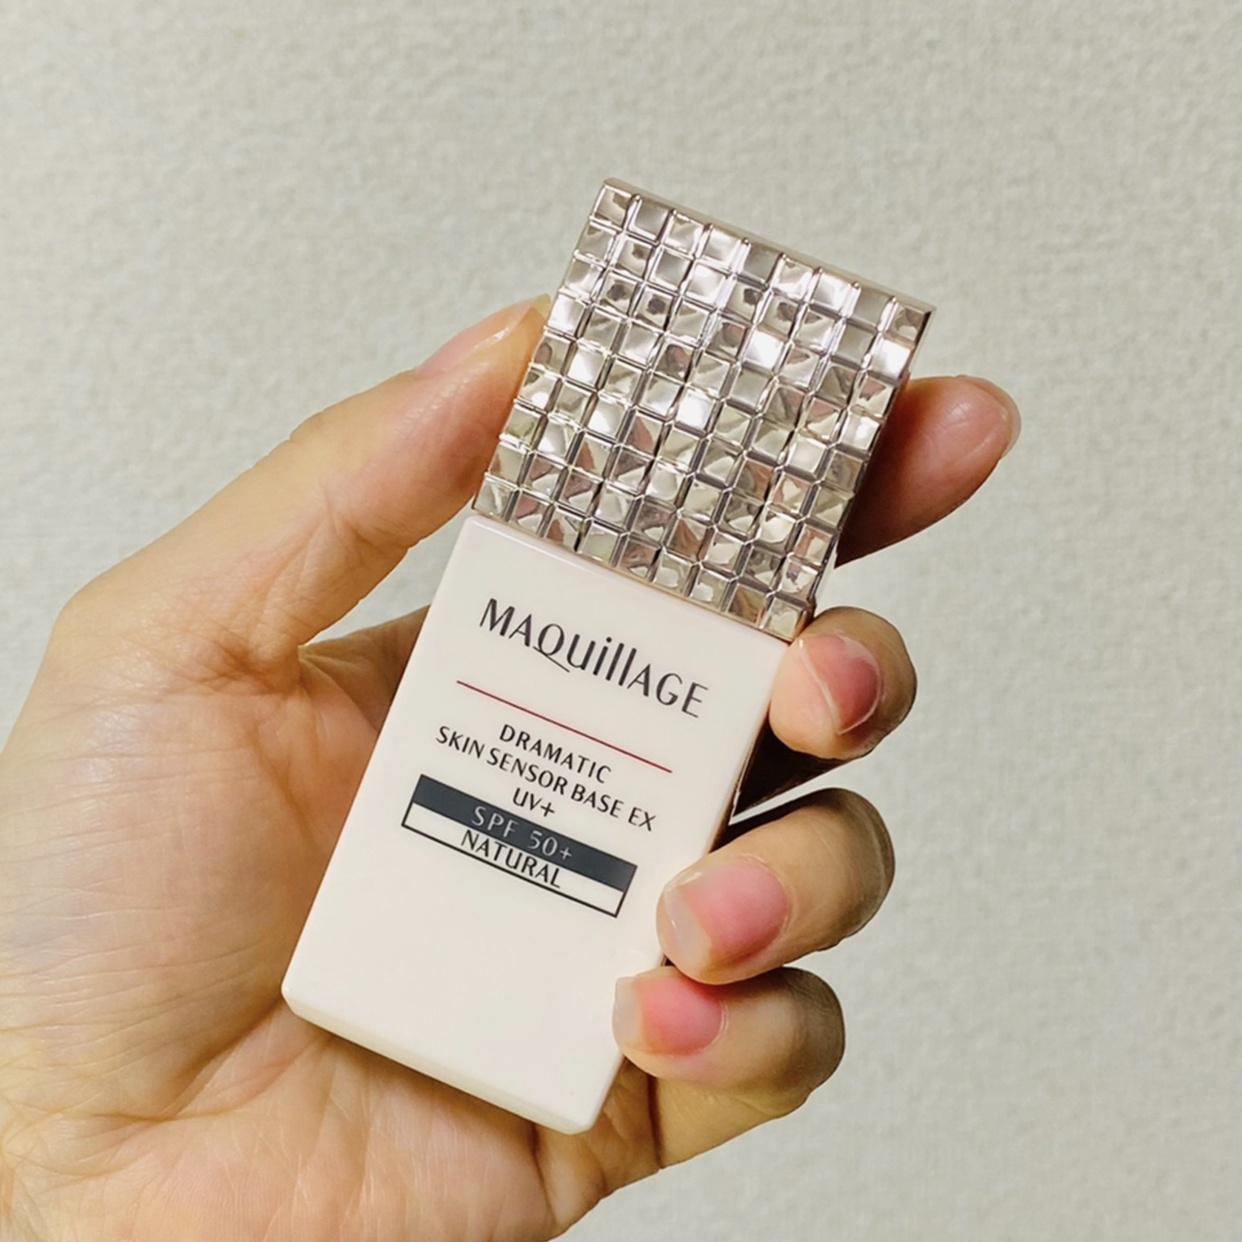 MAQUillAGE(マキアージュ) ドラマティックスキンセンサーベース EX UV+を使ったminoriさんのクチコミ画像